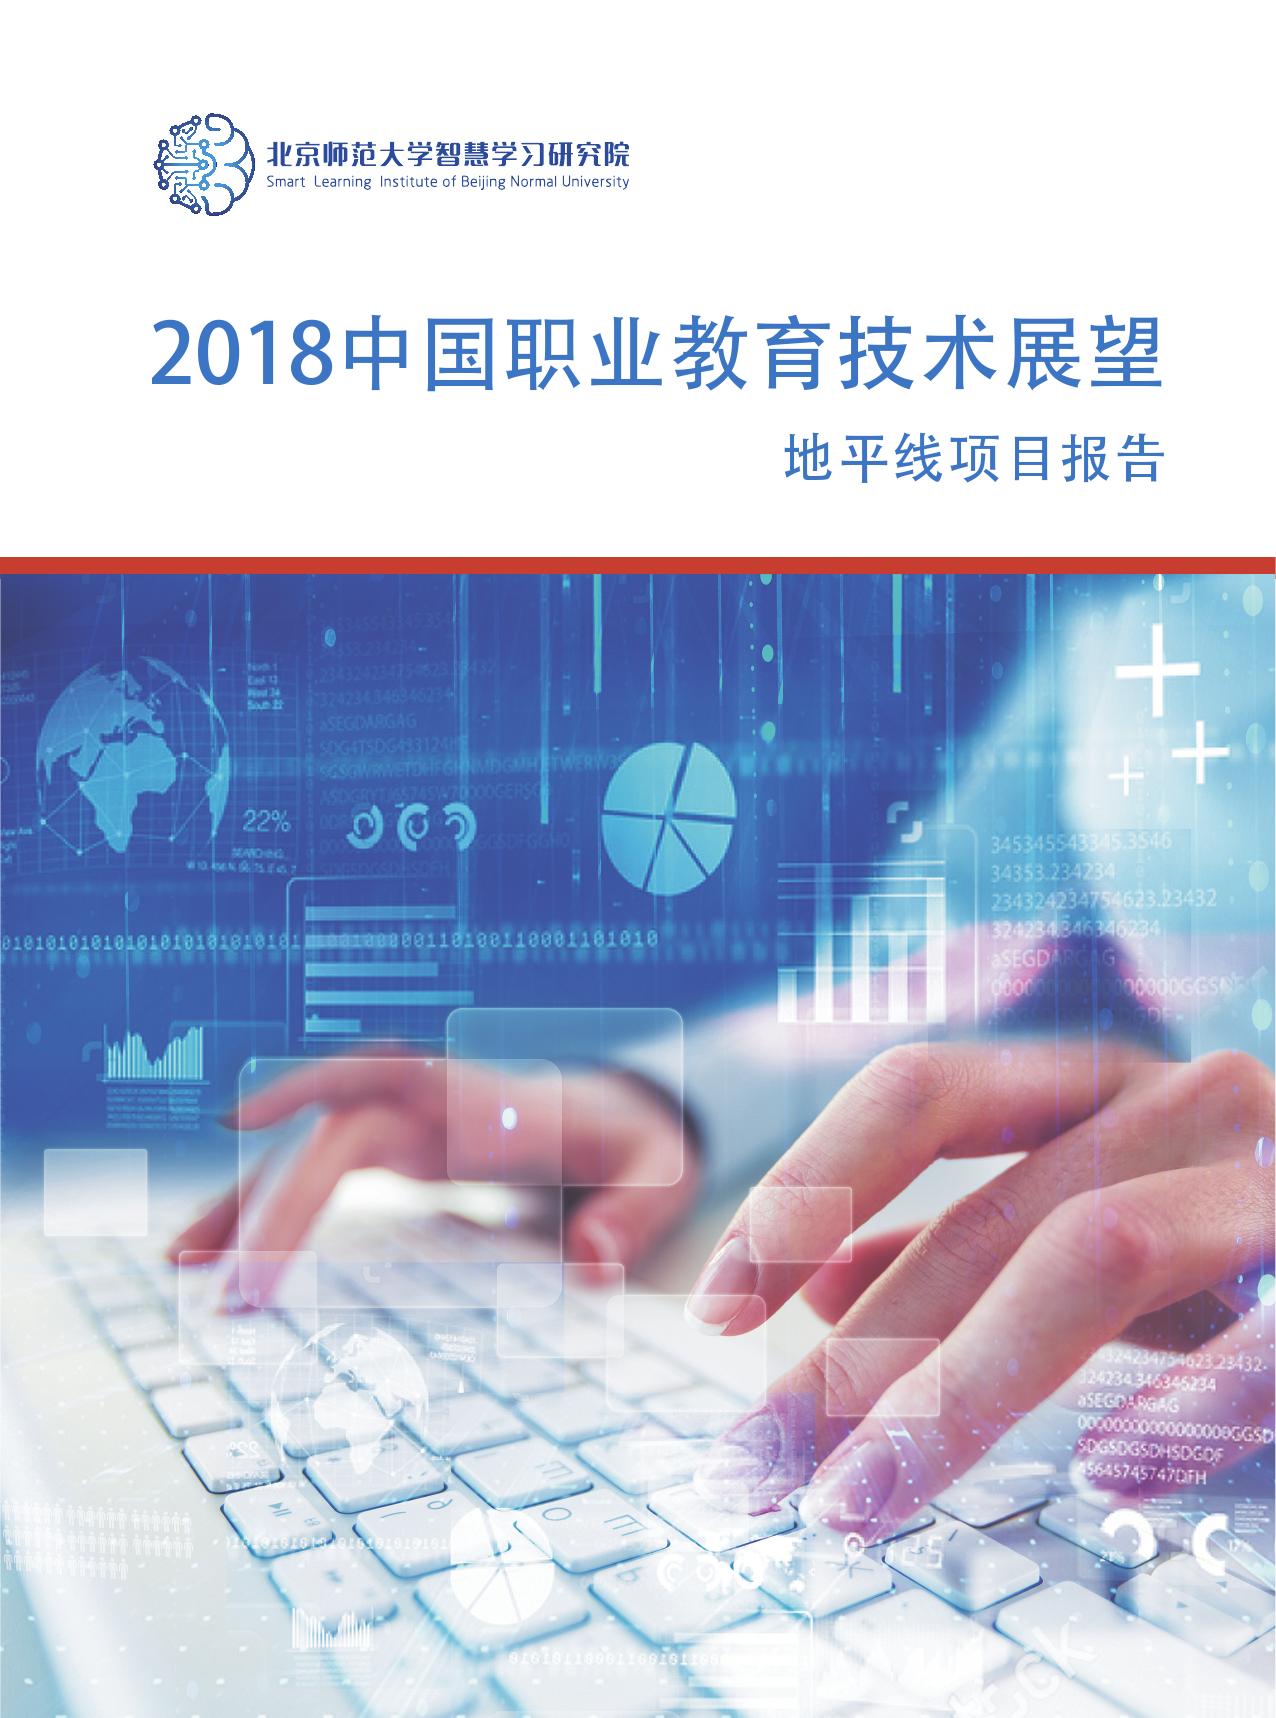 2018中国职业教育技术展望:地平线项目报告(附下载)